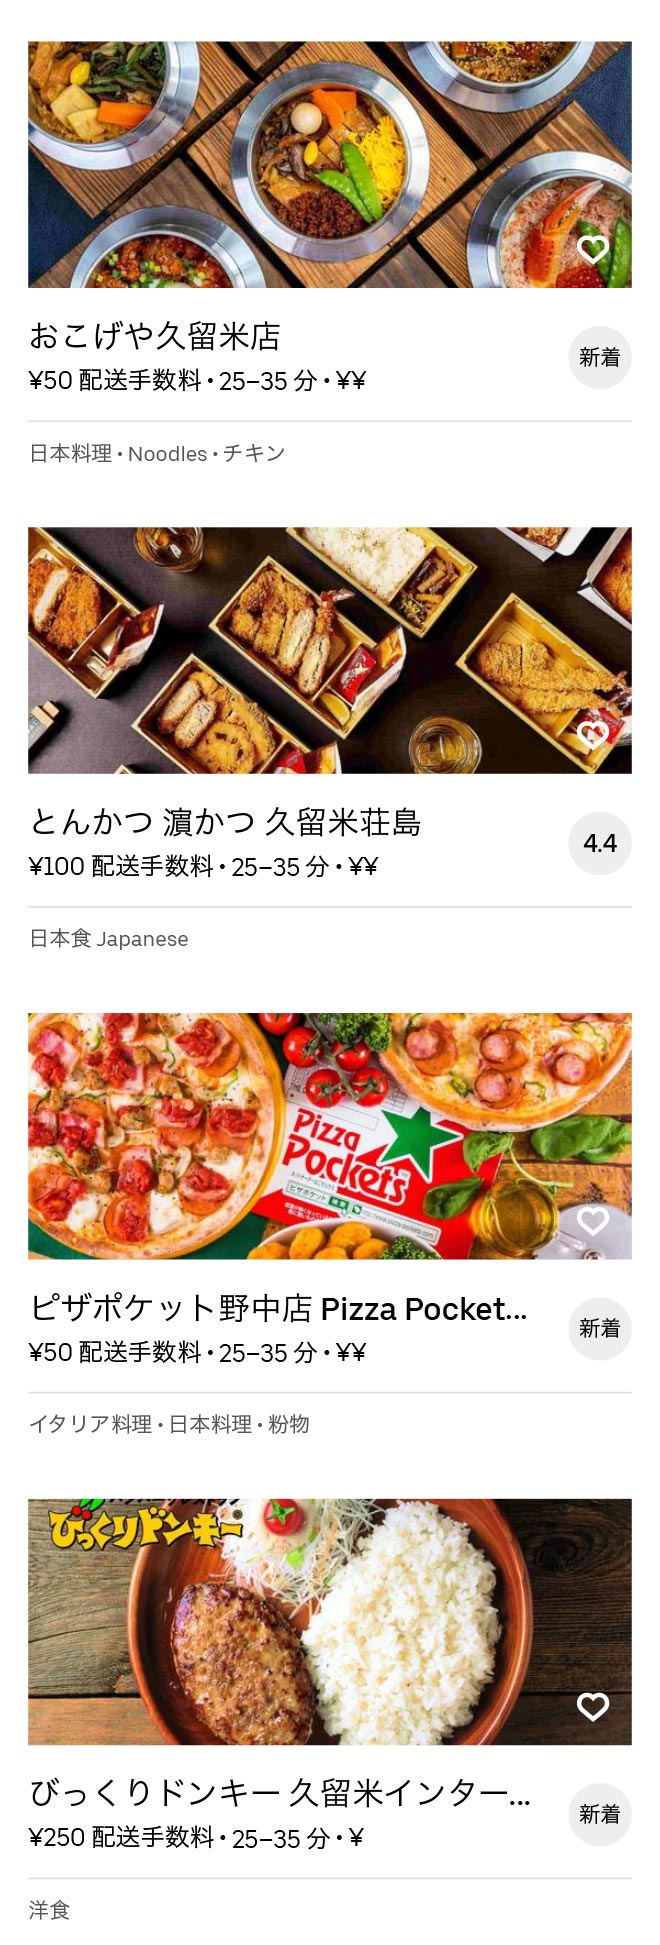 Nishitetsu kurume menu 2008 10